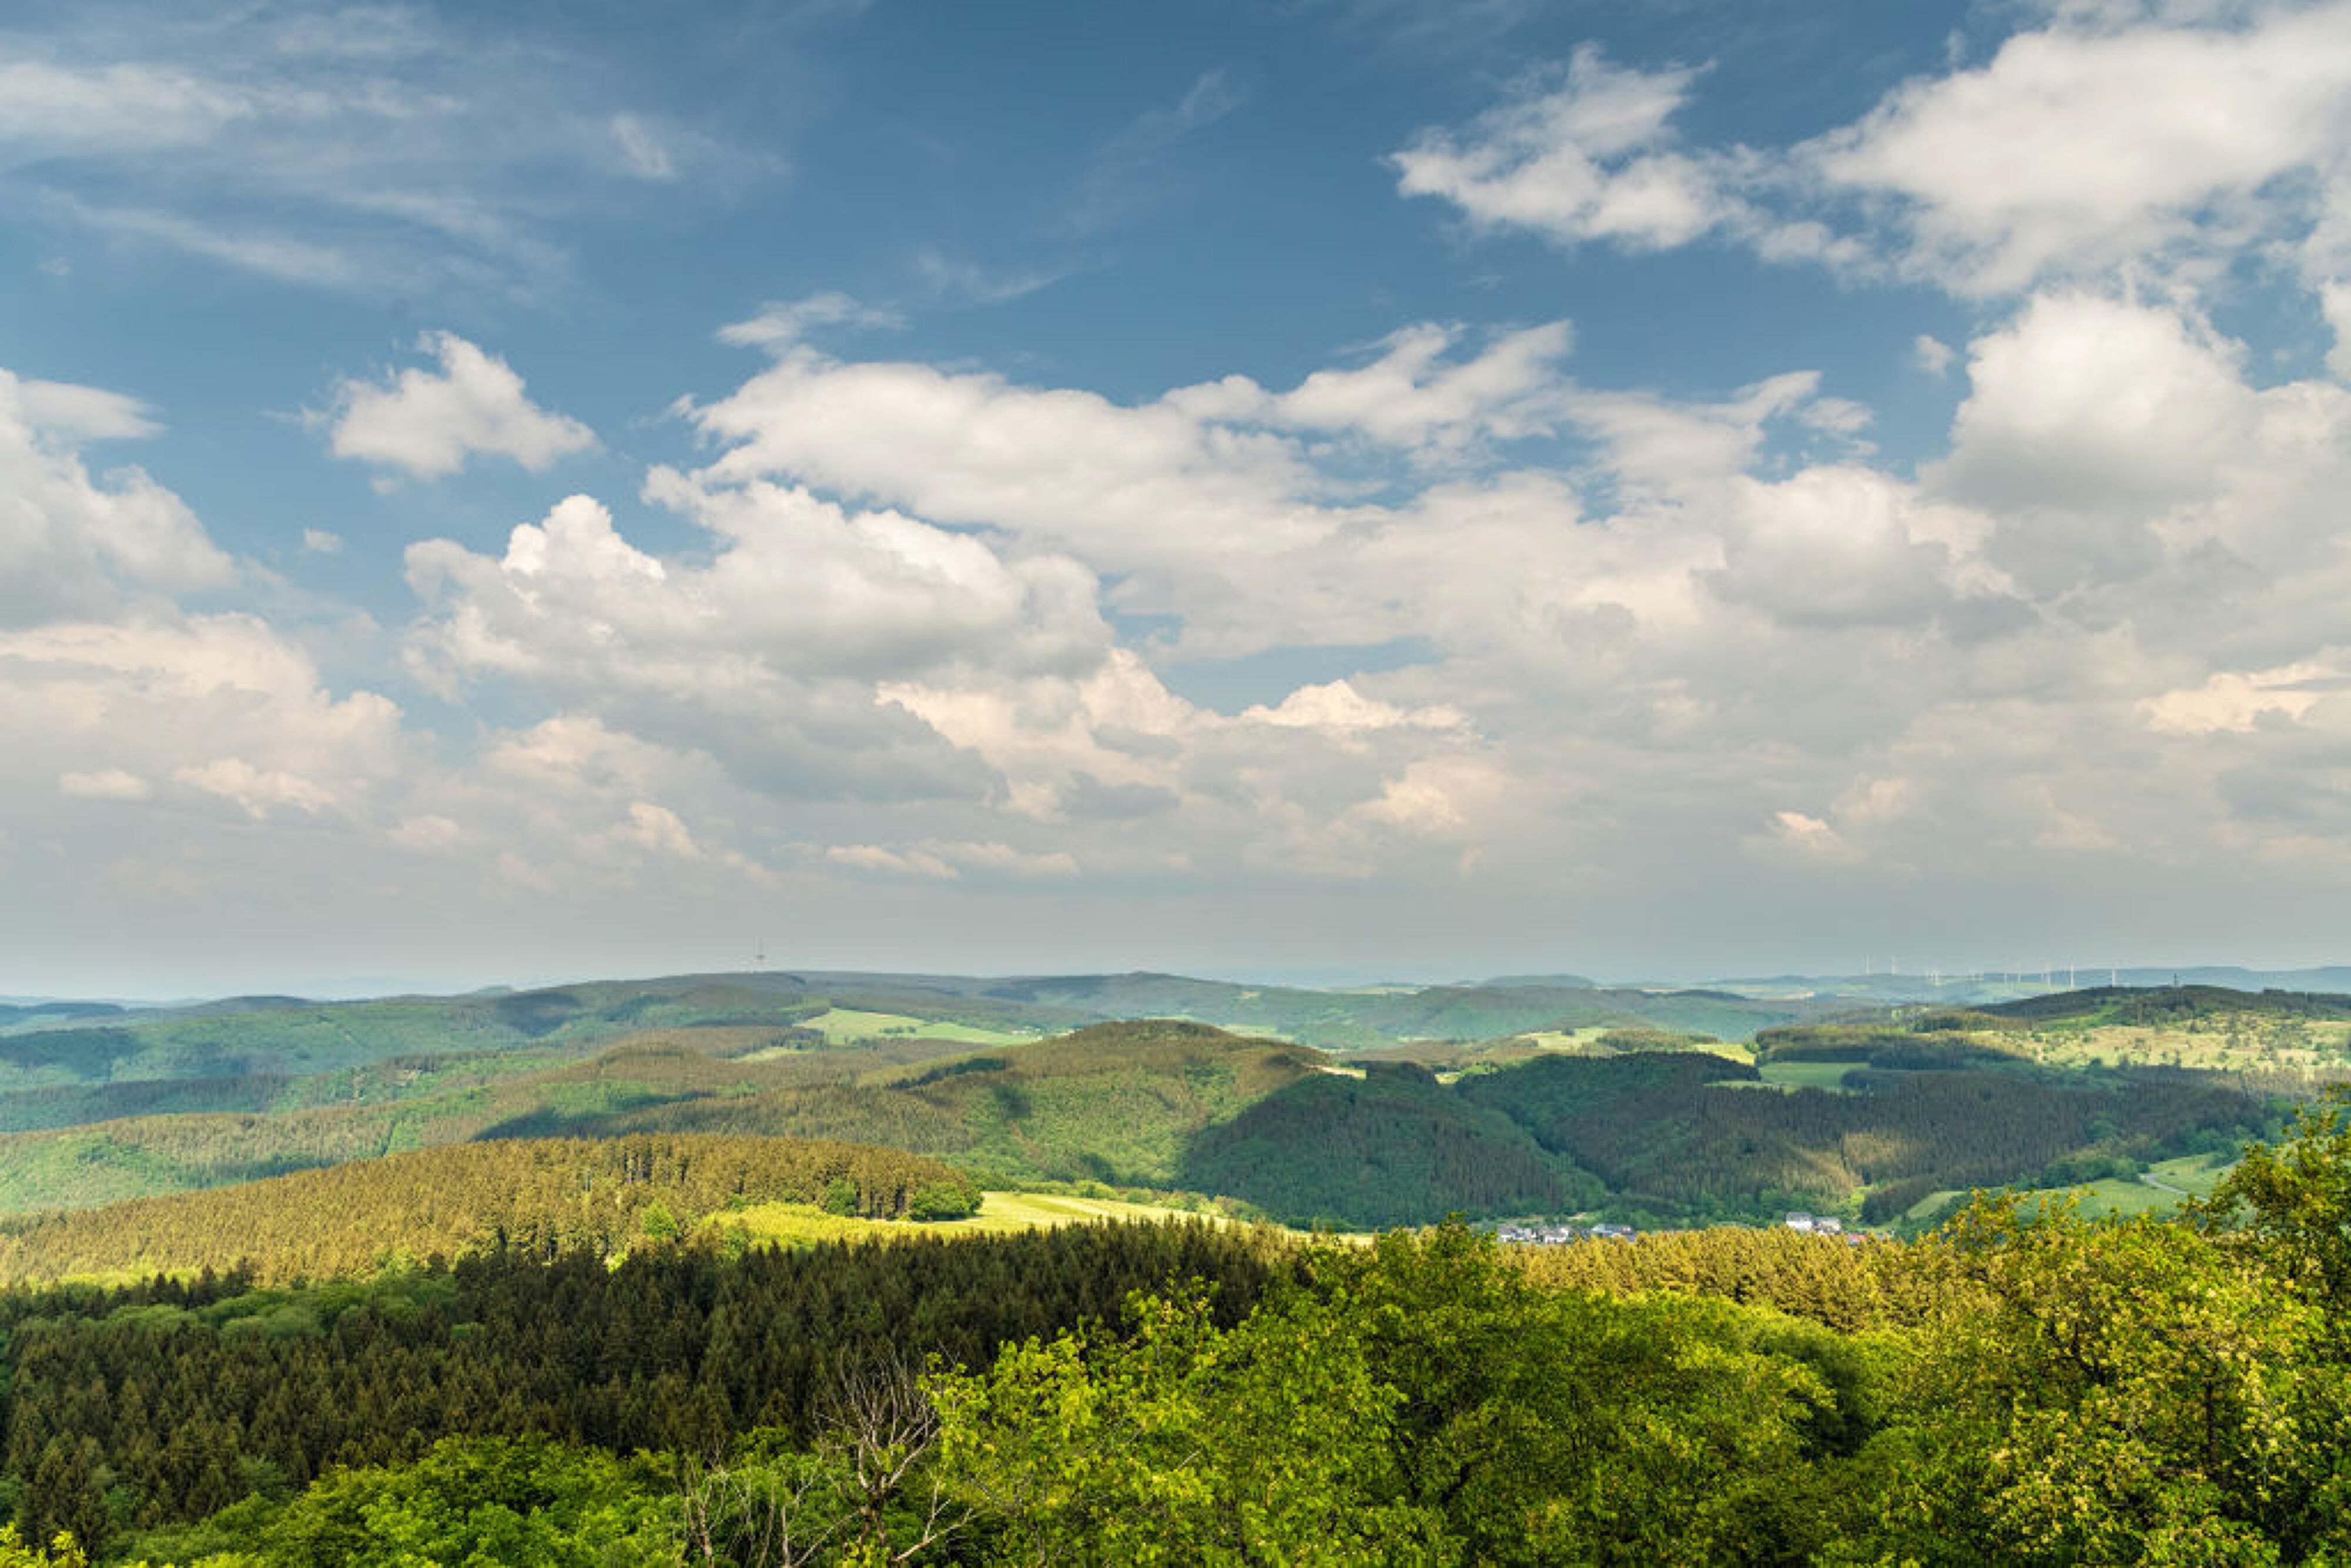 Aussicht vom Kaiser-Wilhelm-Turm © Rheinland-Pfalz Tourismus GmbH, Dominik Ketz